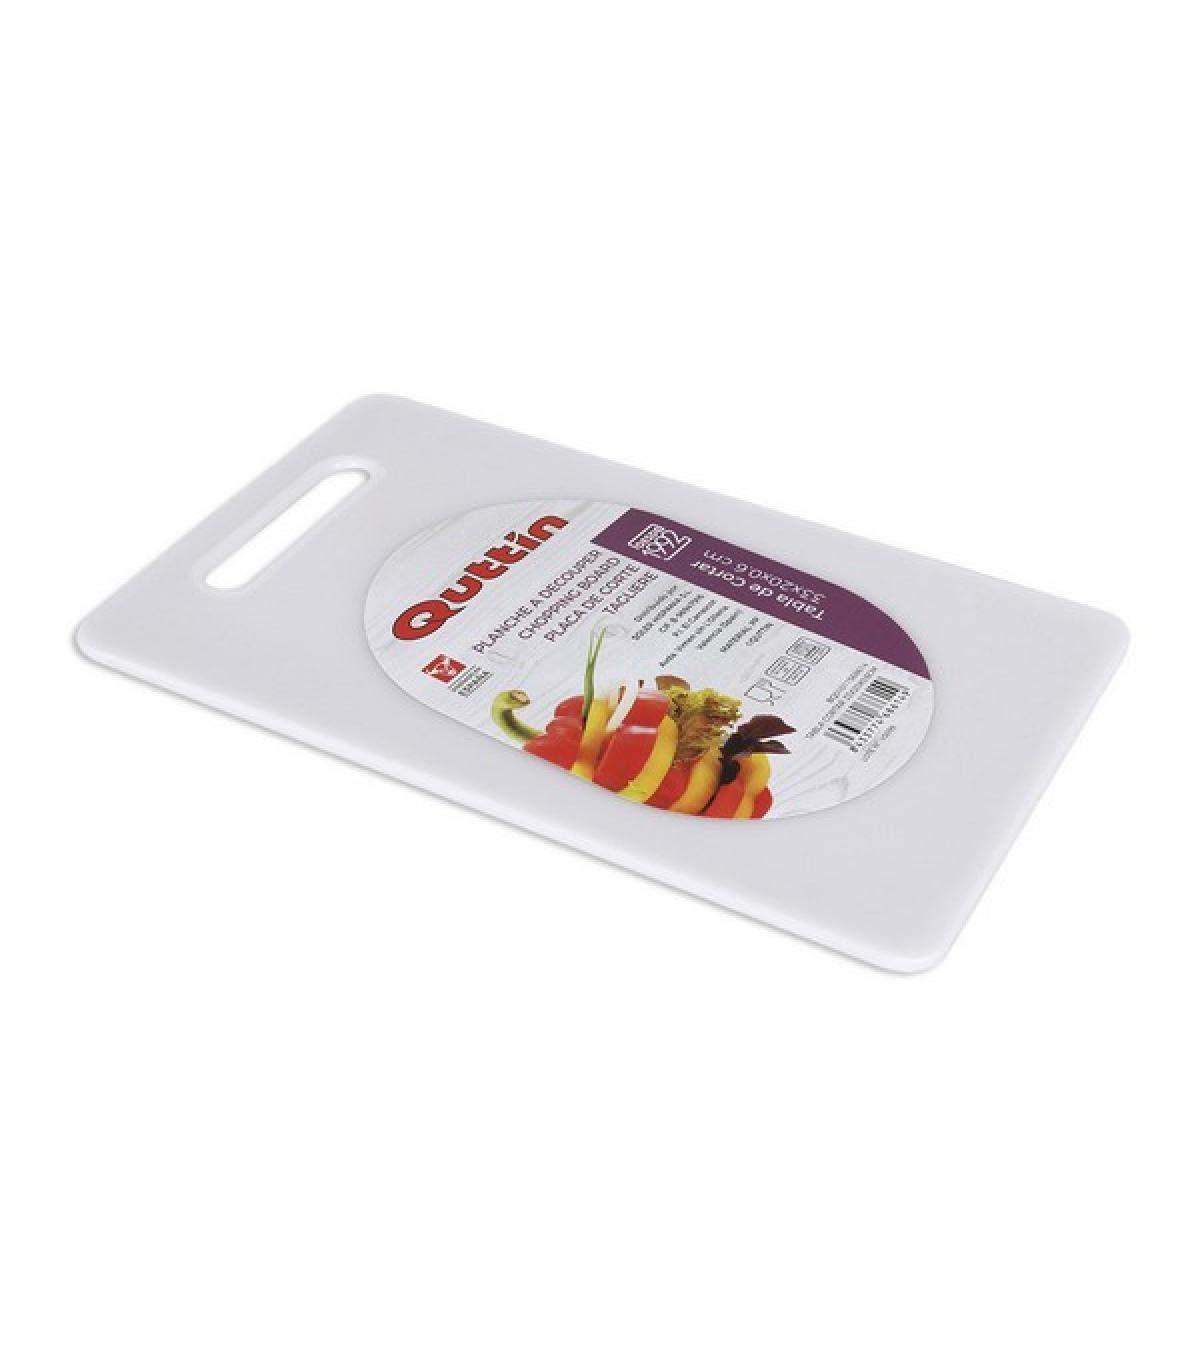 Tagliere da Cucina Quttin Bianco 33 x 20 x 0,6 cm